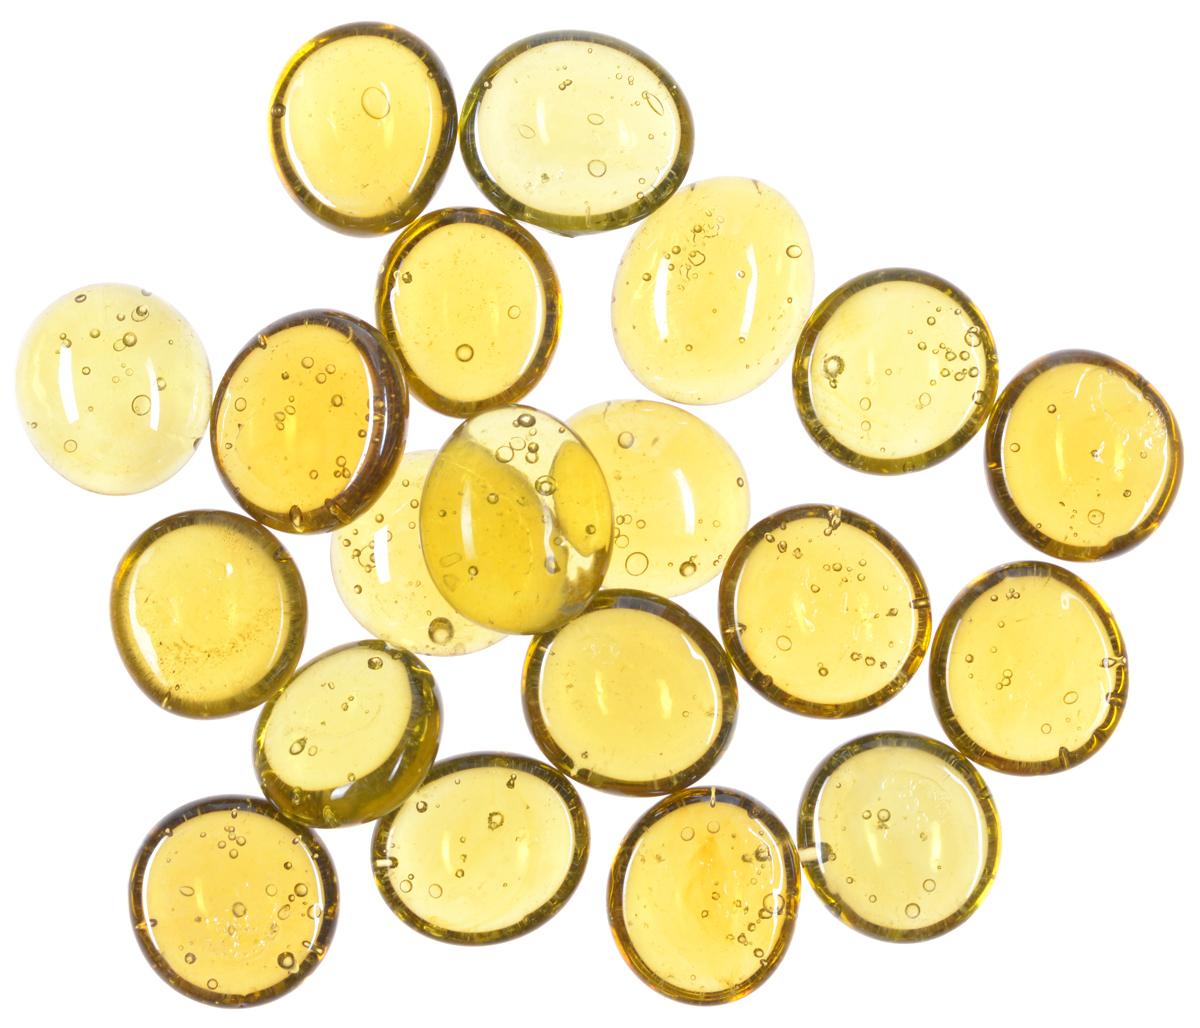 Pandoras Box Набор фишек Каунтеры стеклянные прозрачные цвет желтый 20 шт06PB013_желтыйСчетчики жизни (каунтеры, фишки) Pandoras Box Прозрачные предназначены для отметки уровня ресурсов жизни, победных очков при игре в настольные игры. Набор содержит 20 фишек, произведенных из 100% стекла. Не рекомендуется детям до 3-х лет.